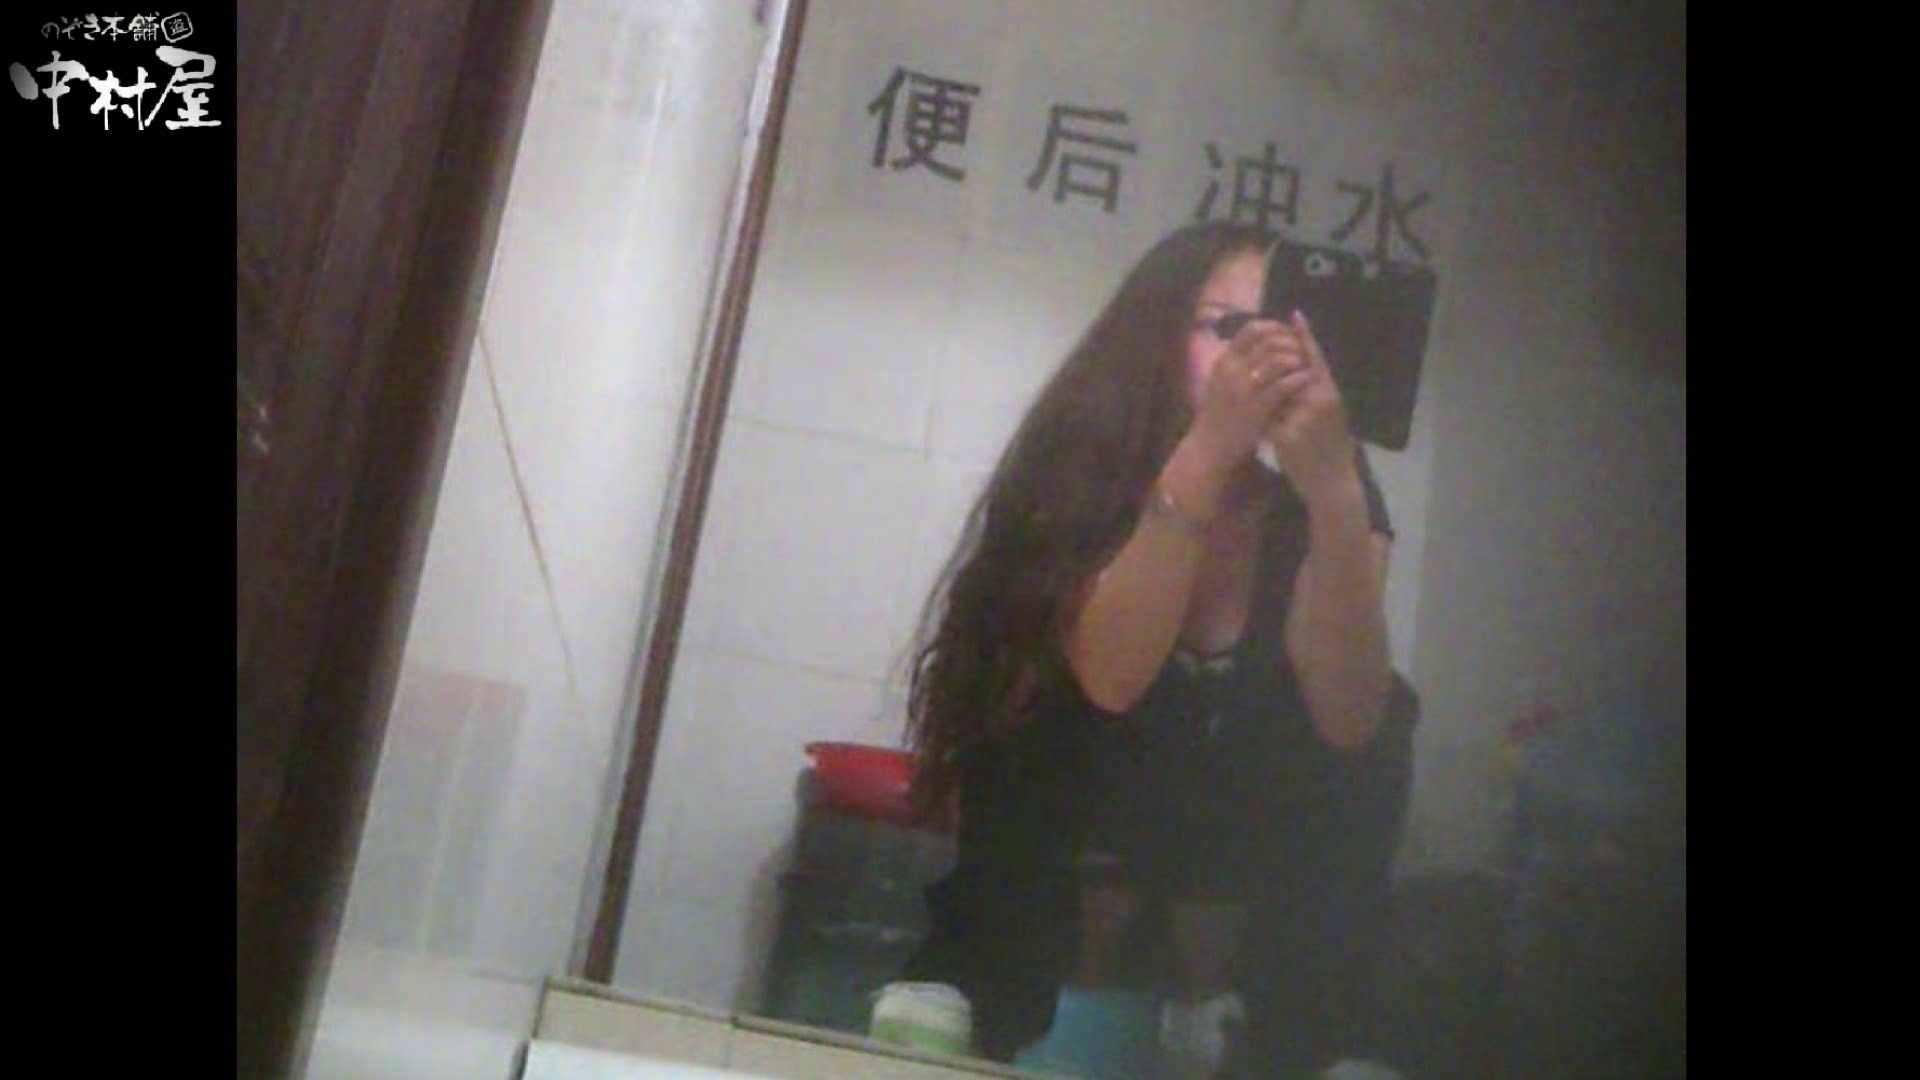 李さんの盗撮日記 Vol.03 女性トイレ アダルト動画キャプチャ 101pic 61